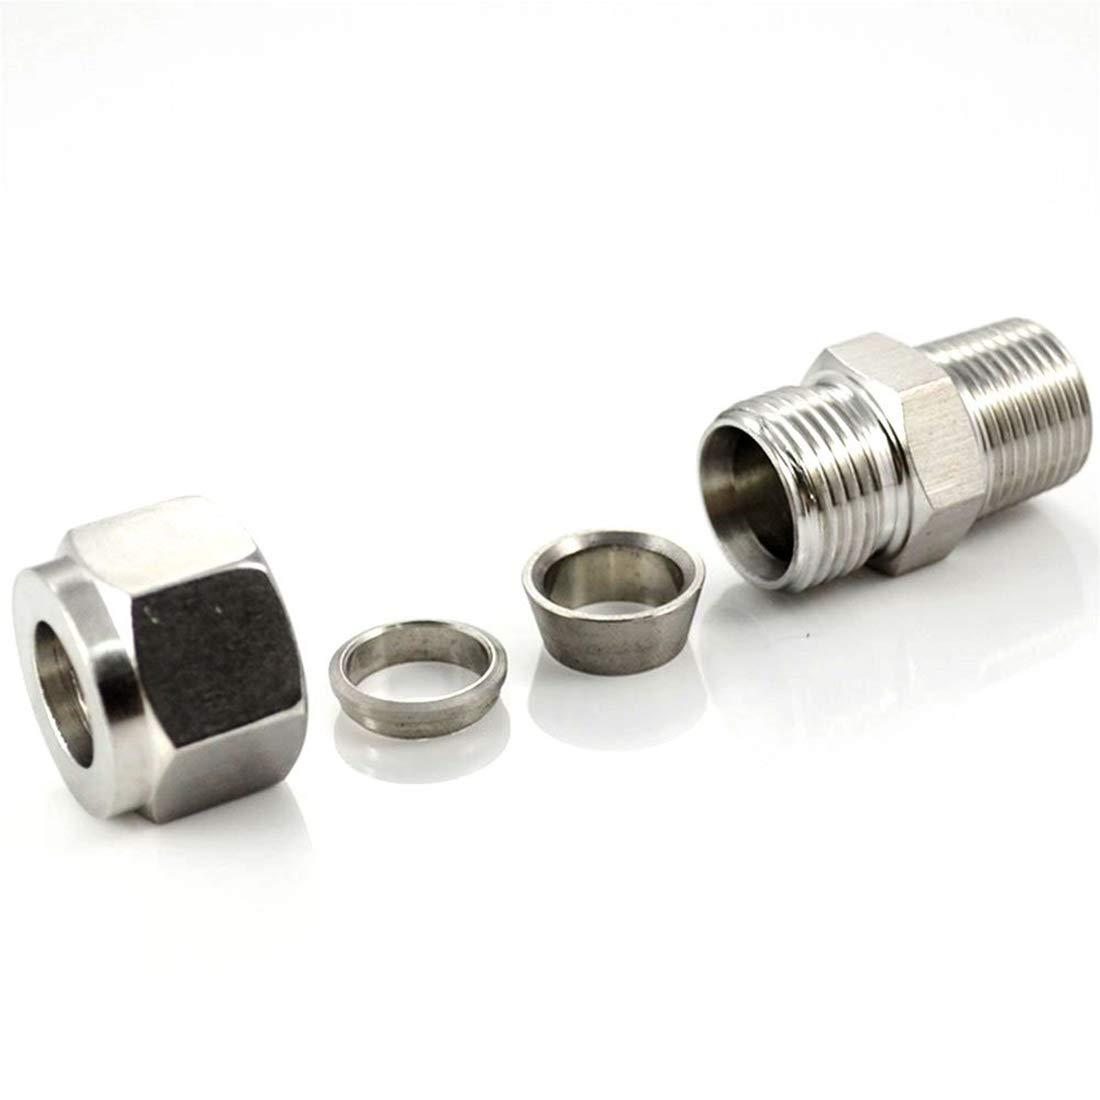 NPT3//8 macho x 10 tubo OD con casquillos dobles 3 piezas Sourcingmap Tubo de compresi/ón adaptador